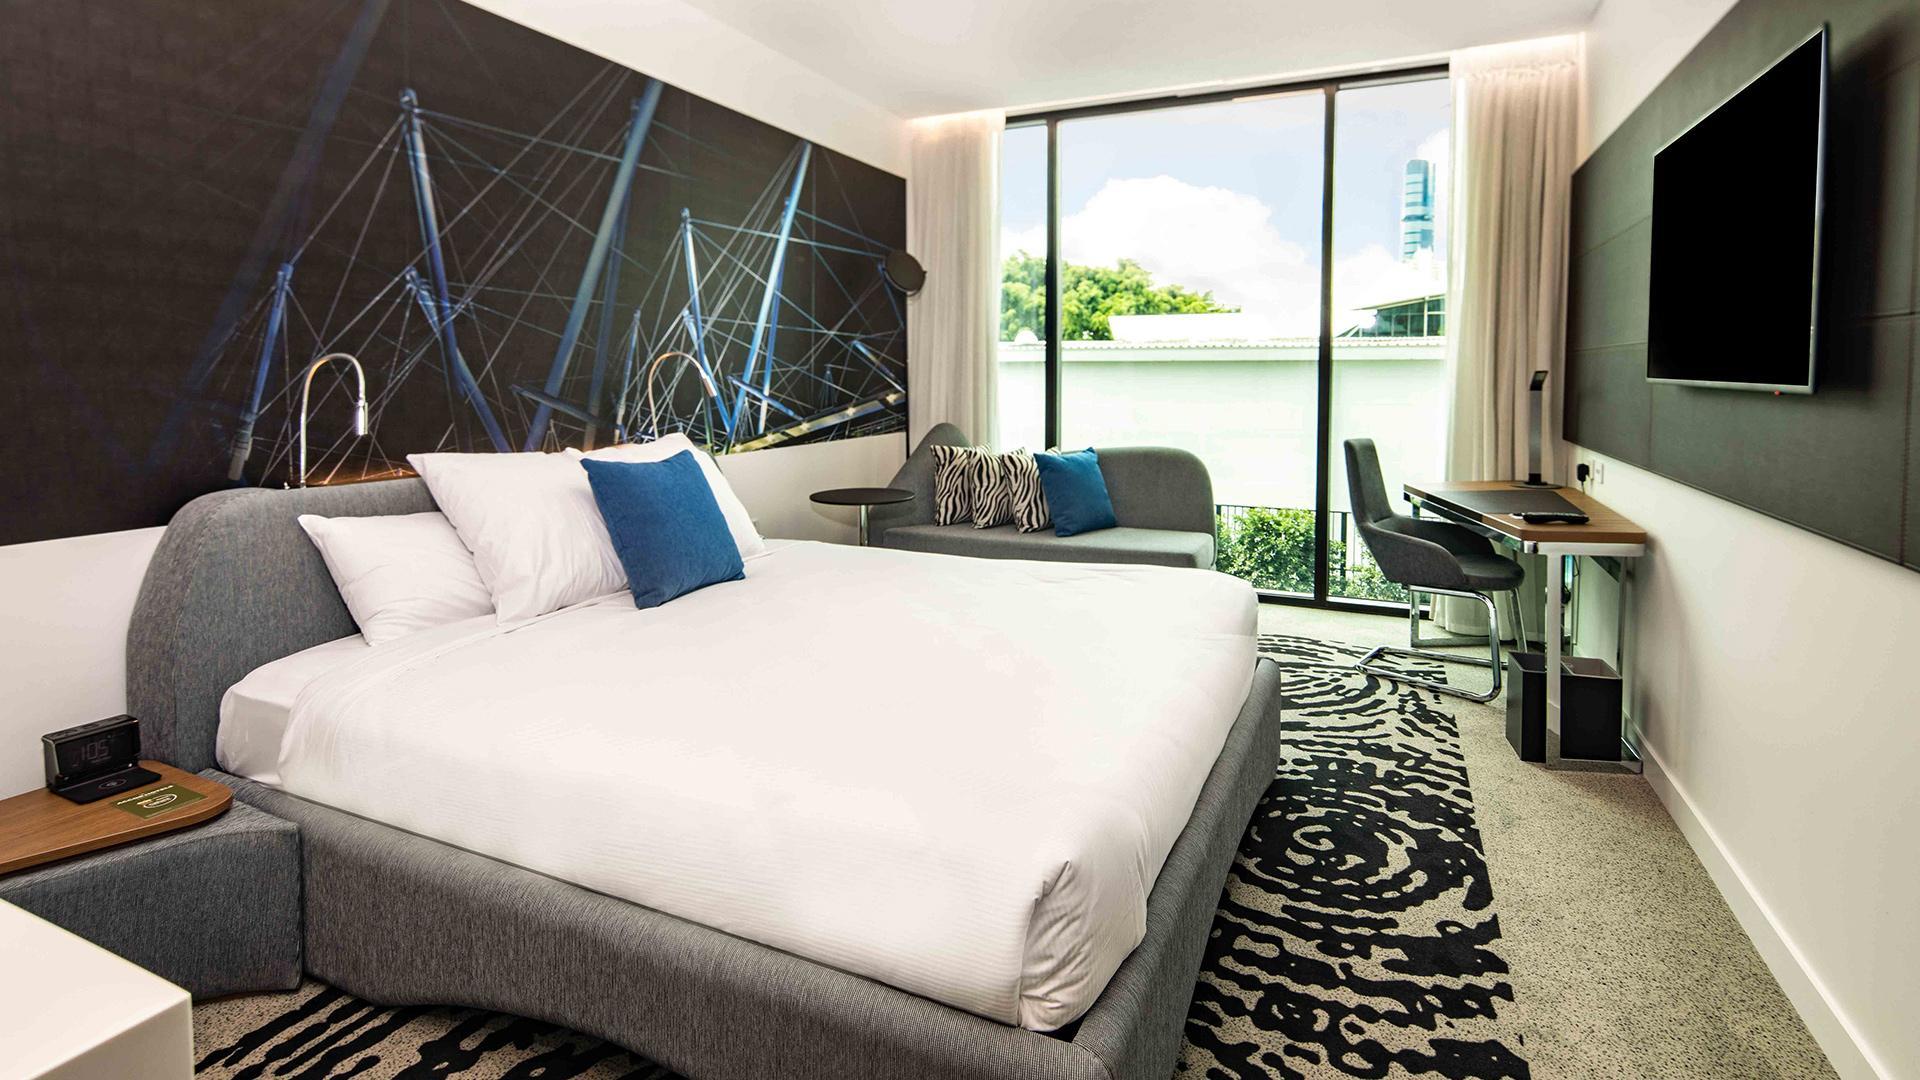 King 'N' Room image 1 at Novotel Brisbane South Bank by Brisbane City, Queensland, Australia